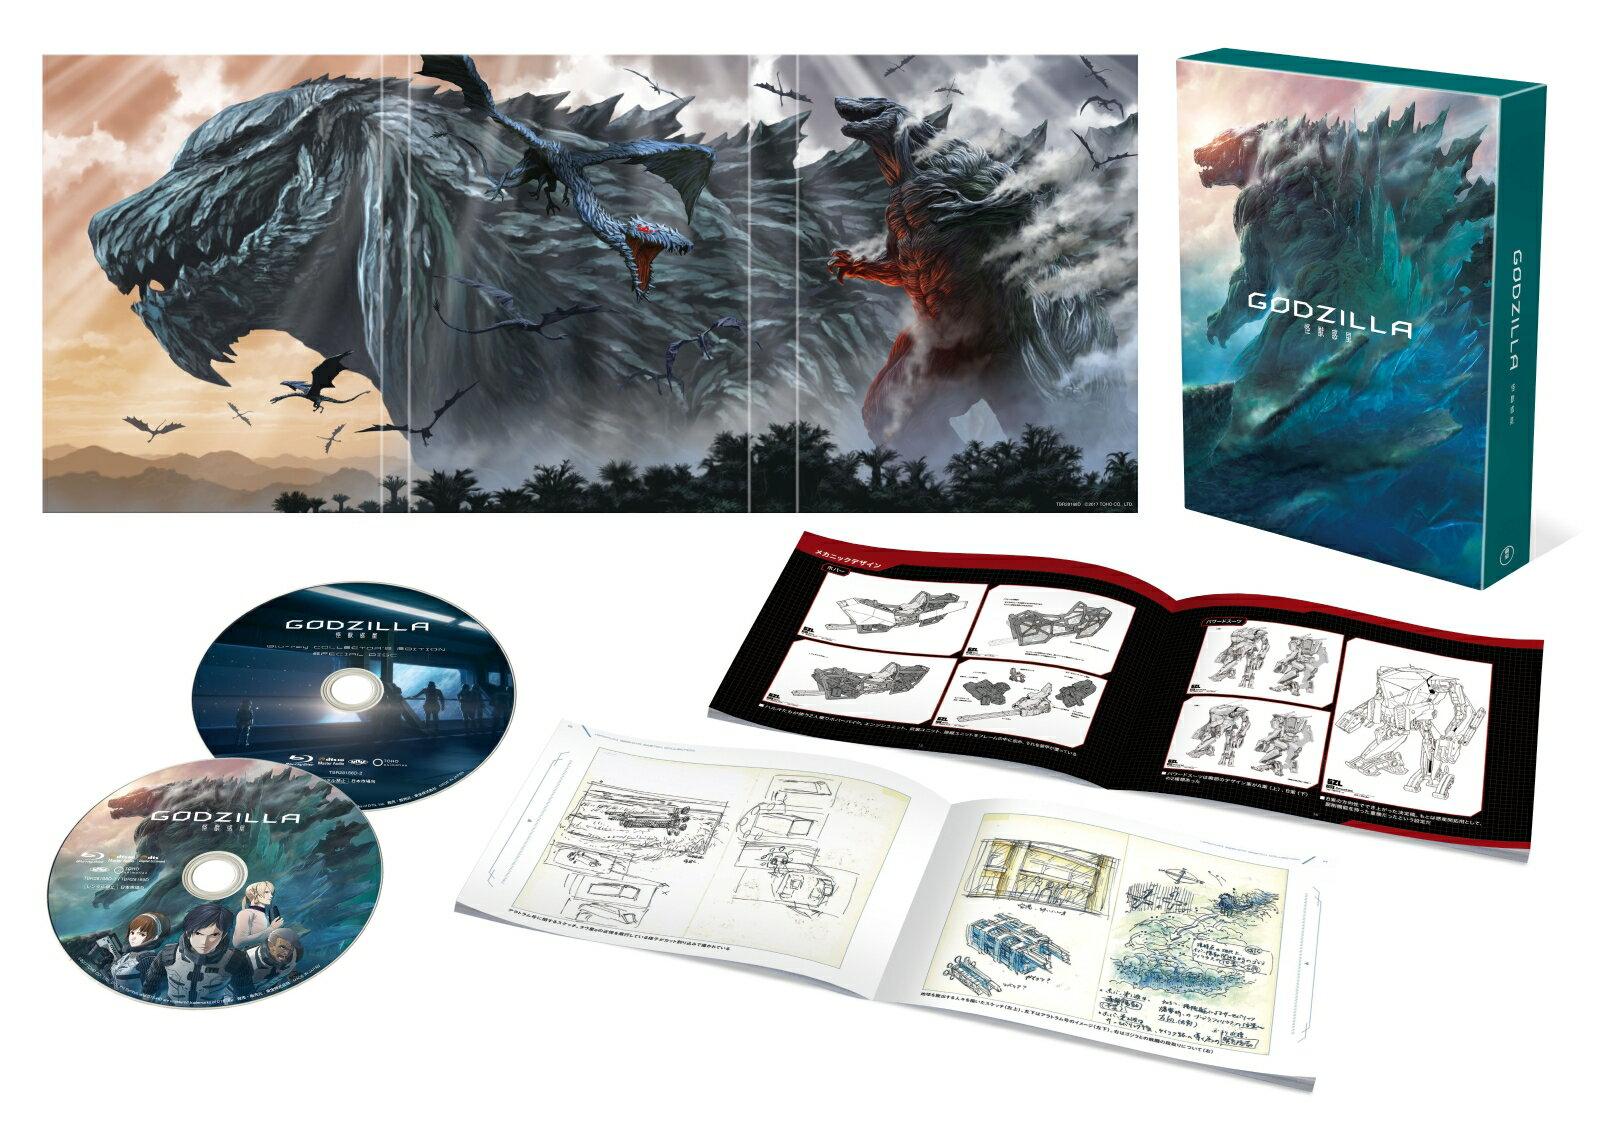 キッズアニメ, その他 GODZILLA Blu-ray Blu-ray